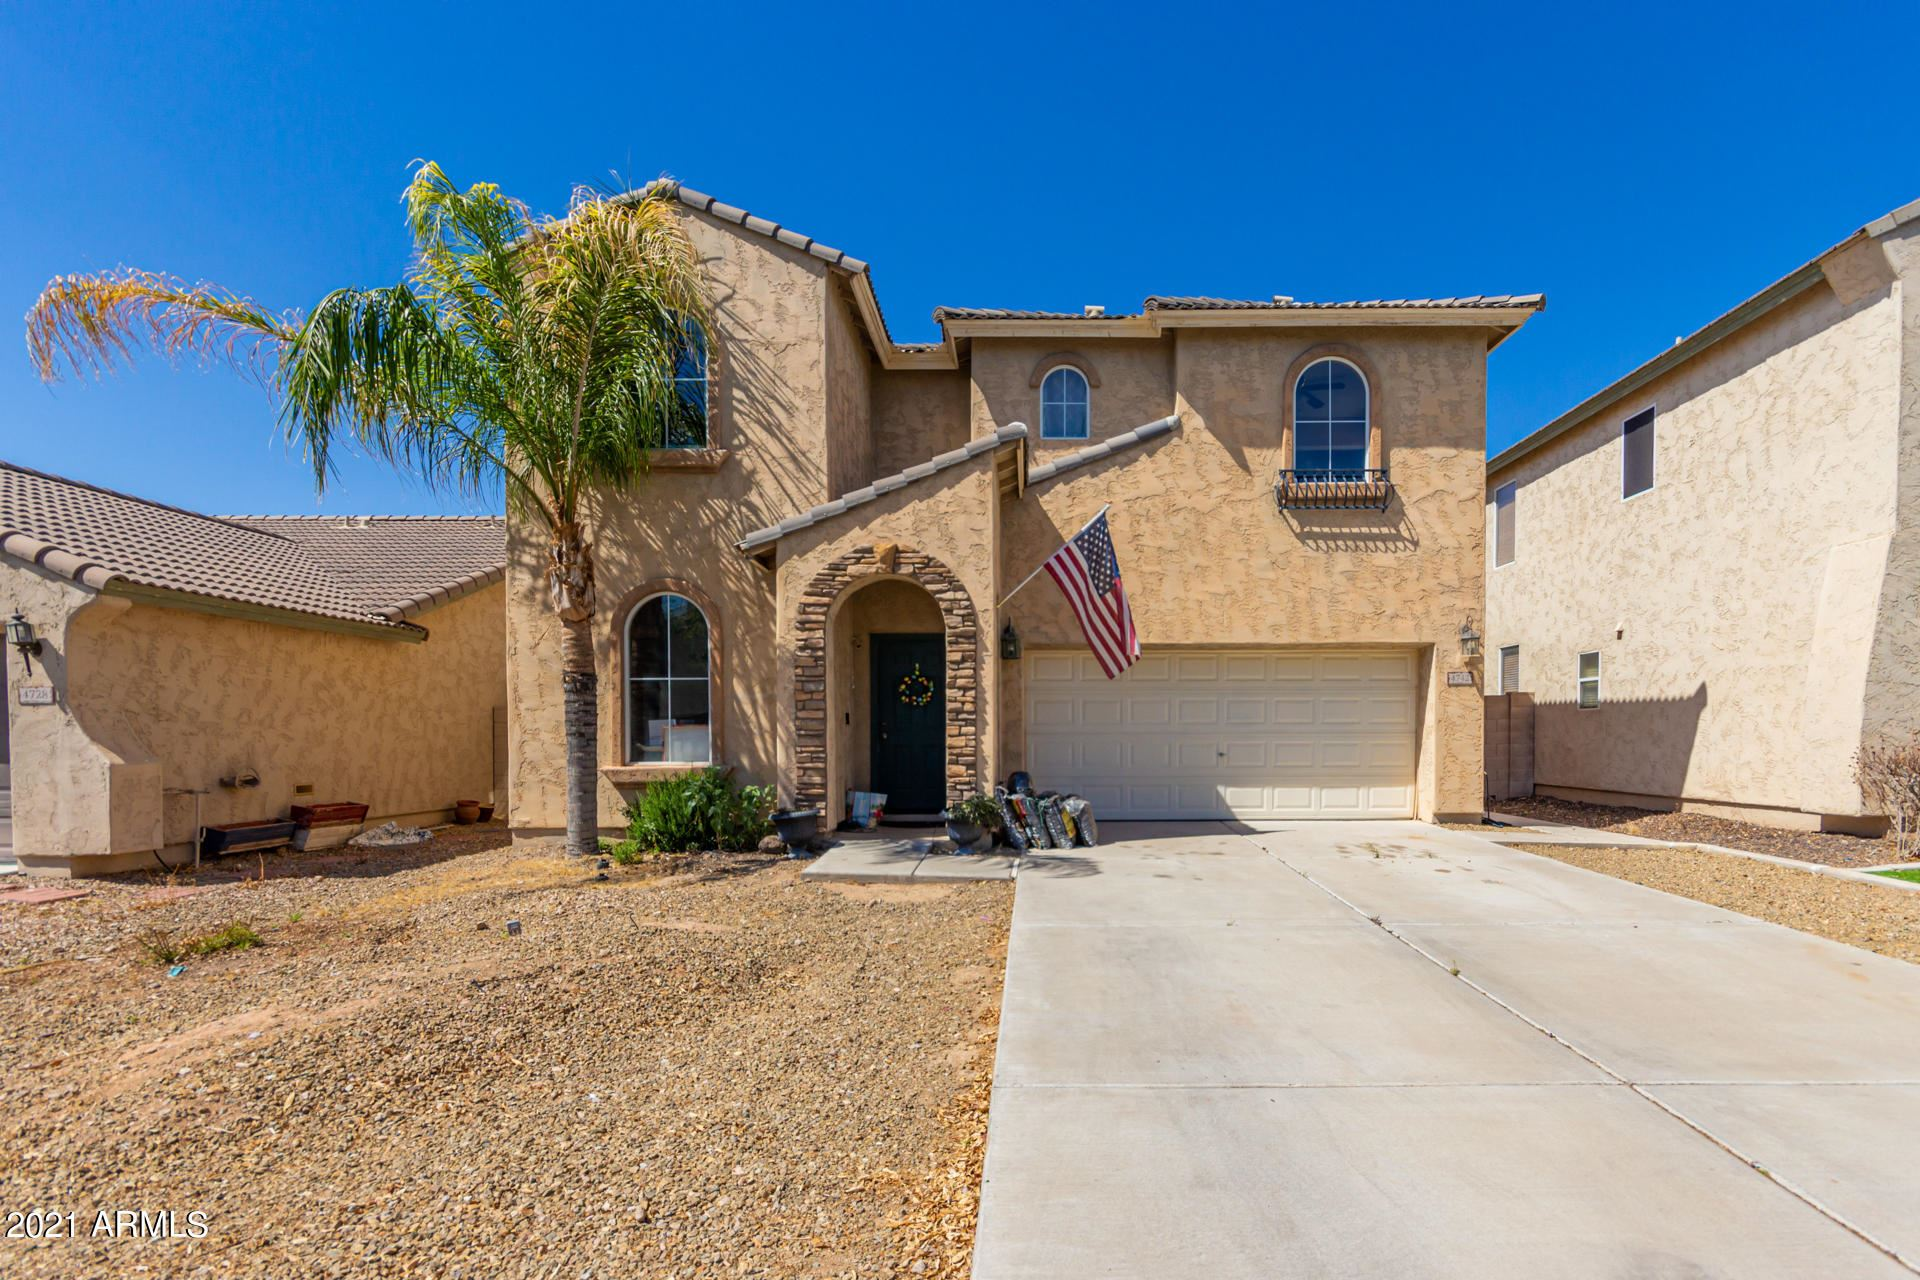 Photo of 4742 E MEADOW CREEK Way, San Tan Valley, AZ 85140 (MLS # 6231723)